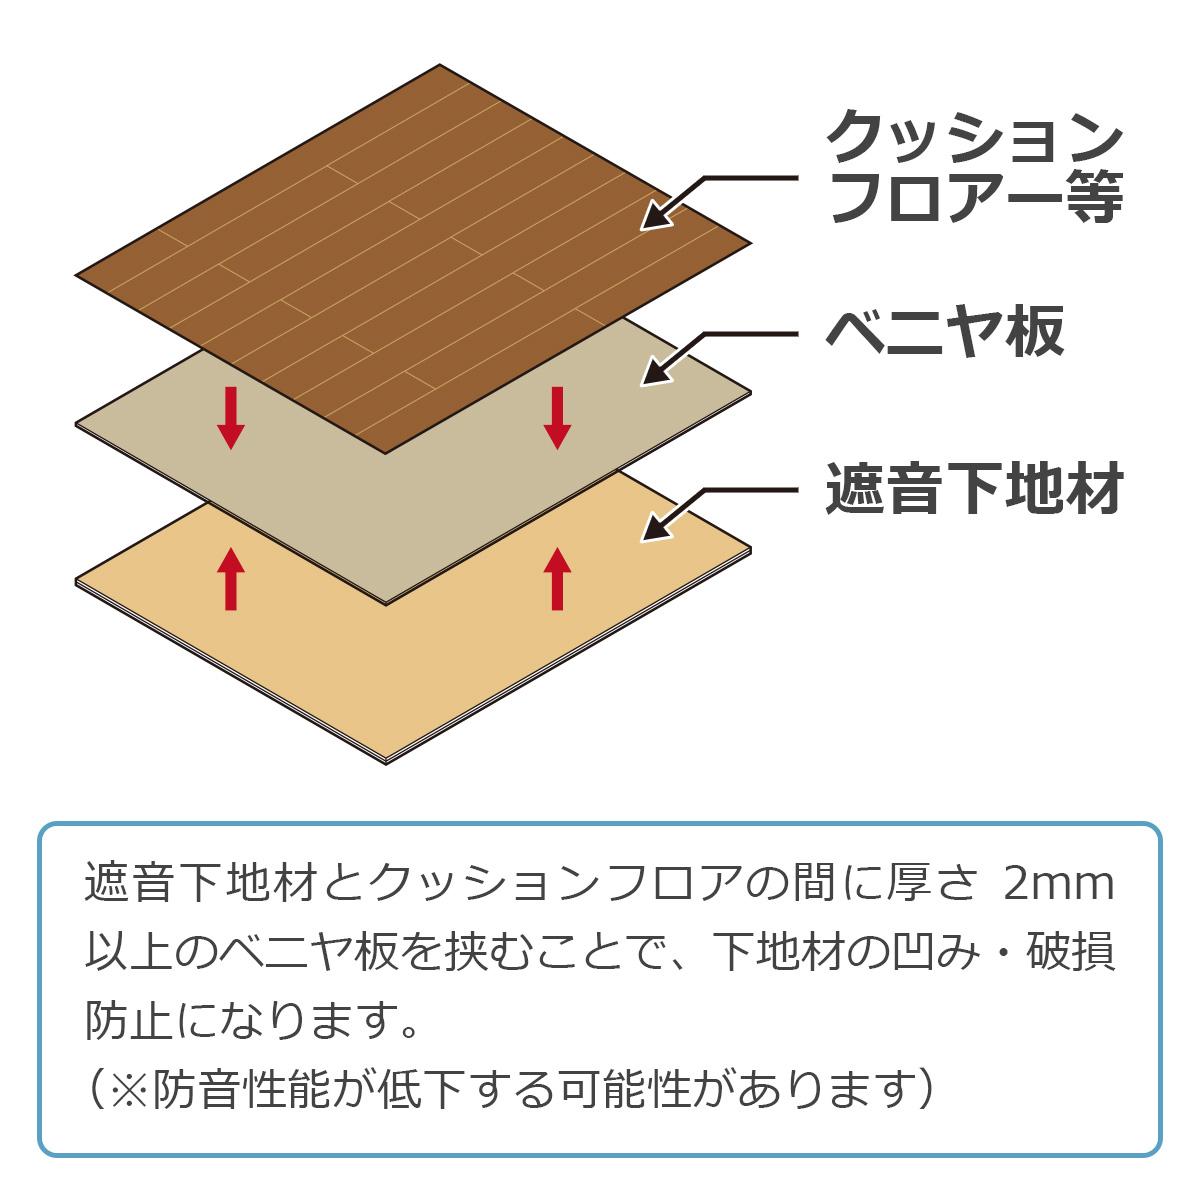 遮音下地材とクッションフロアの間に厚さ2mm以上のベニヤ板を挟むことで、下地材の凹み・破損防止になります(※防音性能が低下する可能性があります)